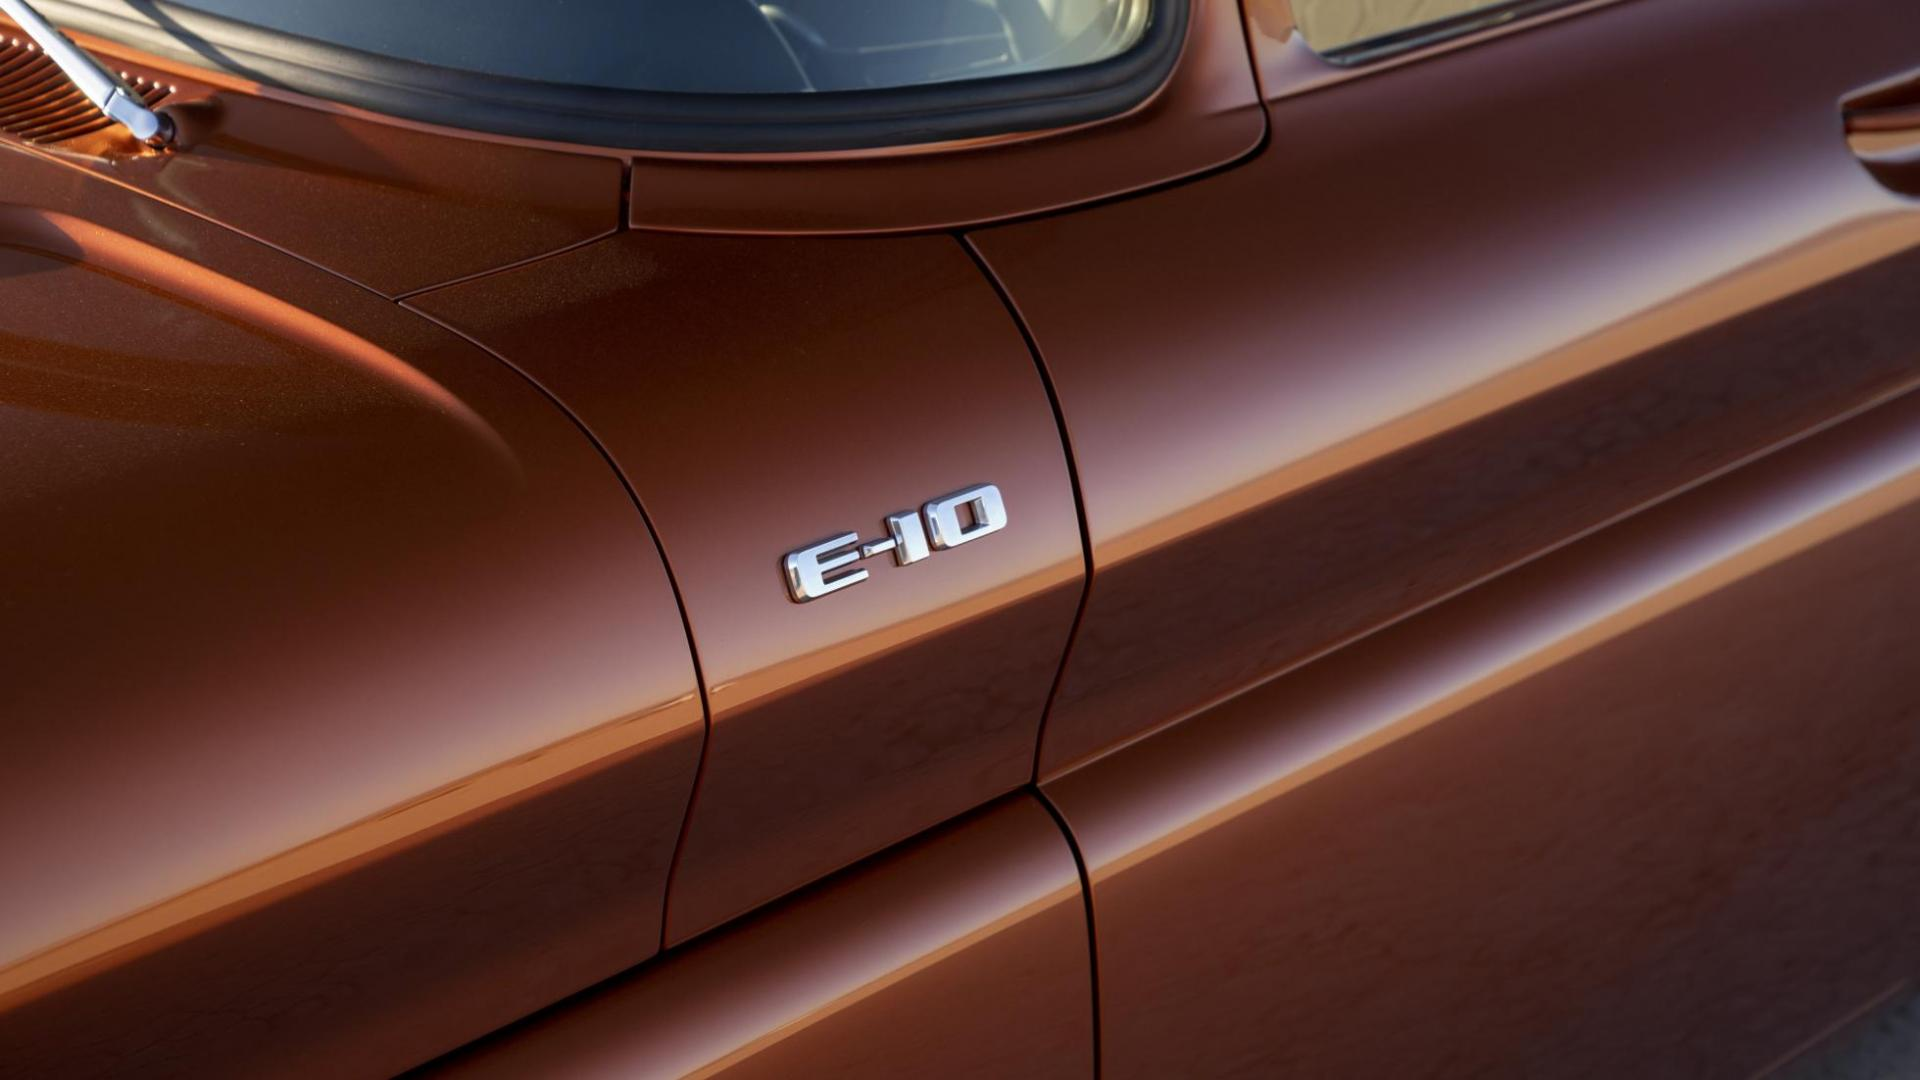 E-10 Concept van Chevy